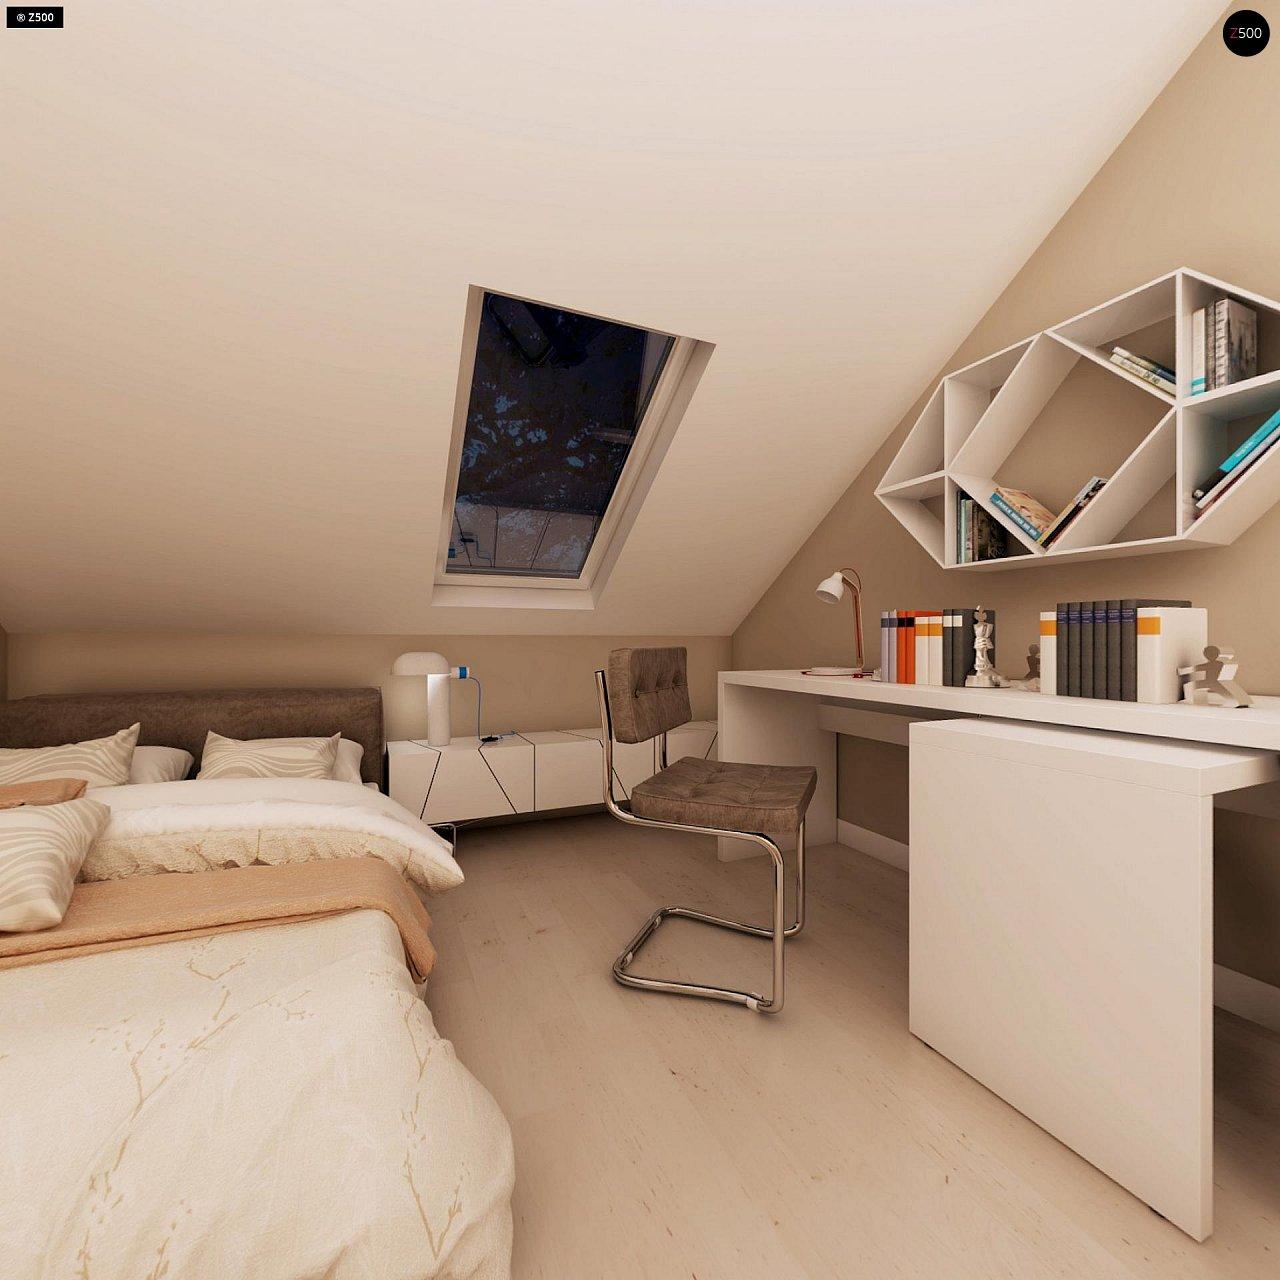 Компактный дом с мансардой, эркером в дневной зоне и c кабинетом на первом этаже. 20